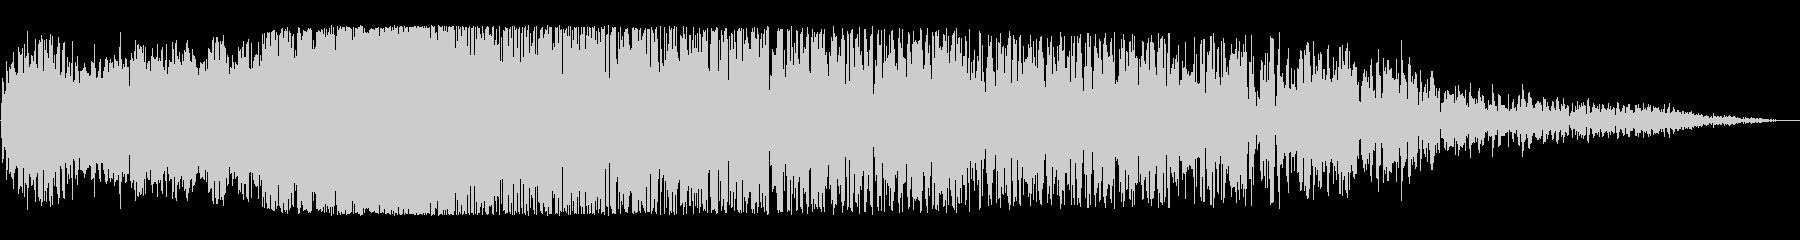 ワープ突入(すさまじさを表現した効果音)の未再生の波形